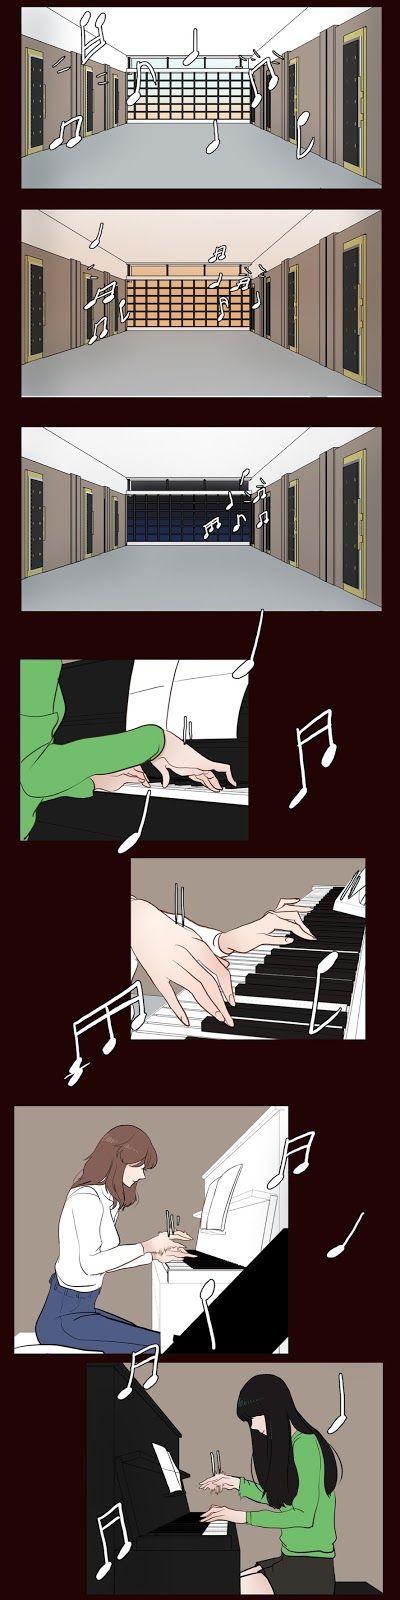 Serenade (keum Kyesoo) - Chapter 8